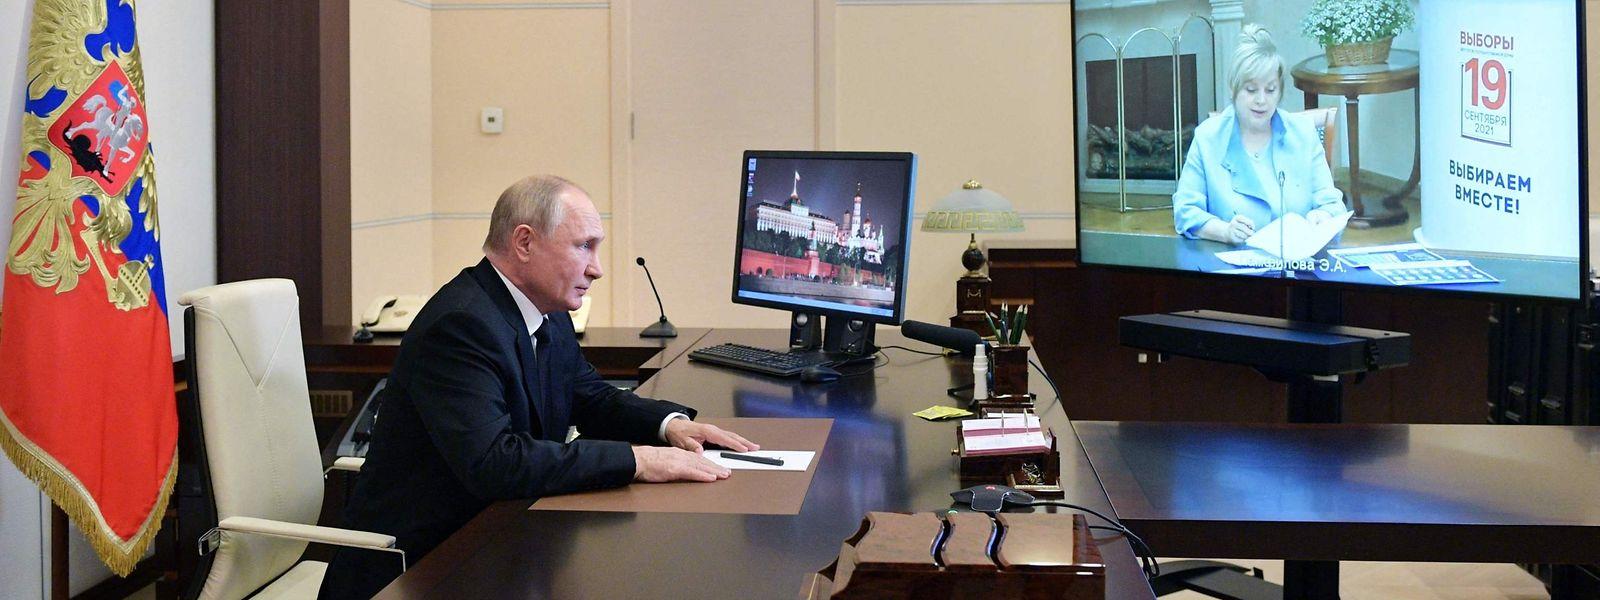 Es läuft für Wladimir Putin: Der russische Präsident konferiert am Montag mit Ella Pamfilowa, der Vorsitzenden der russischen Wahlkommission.